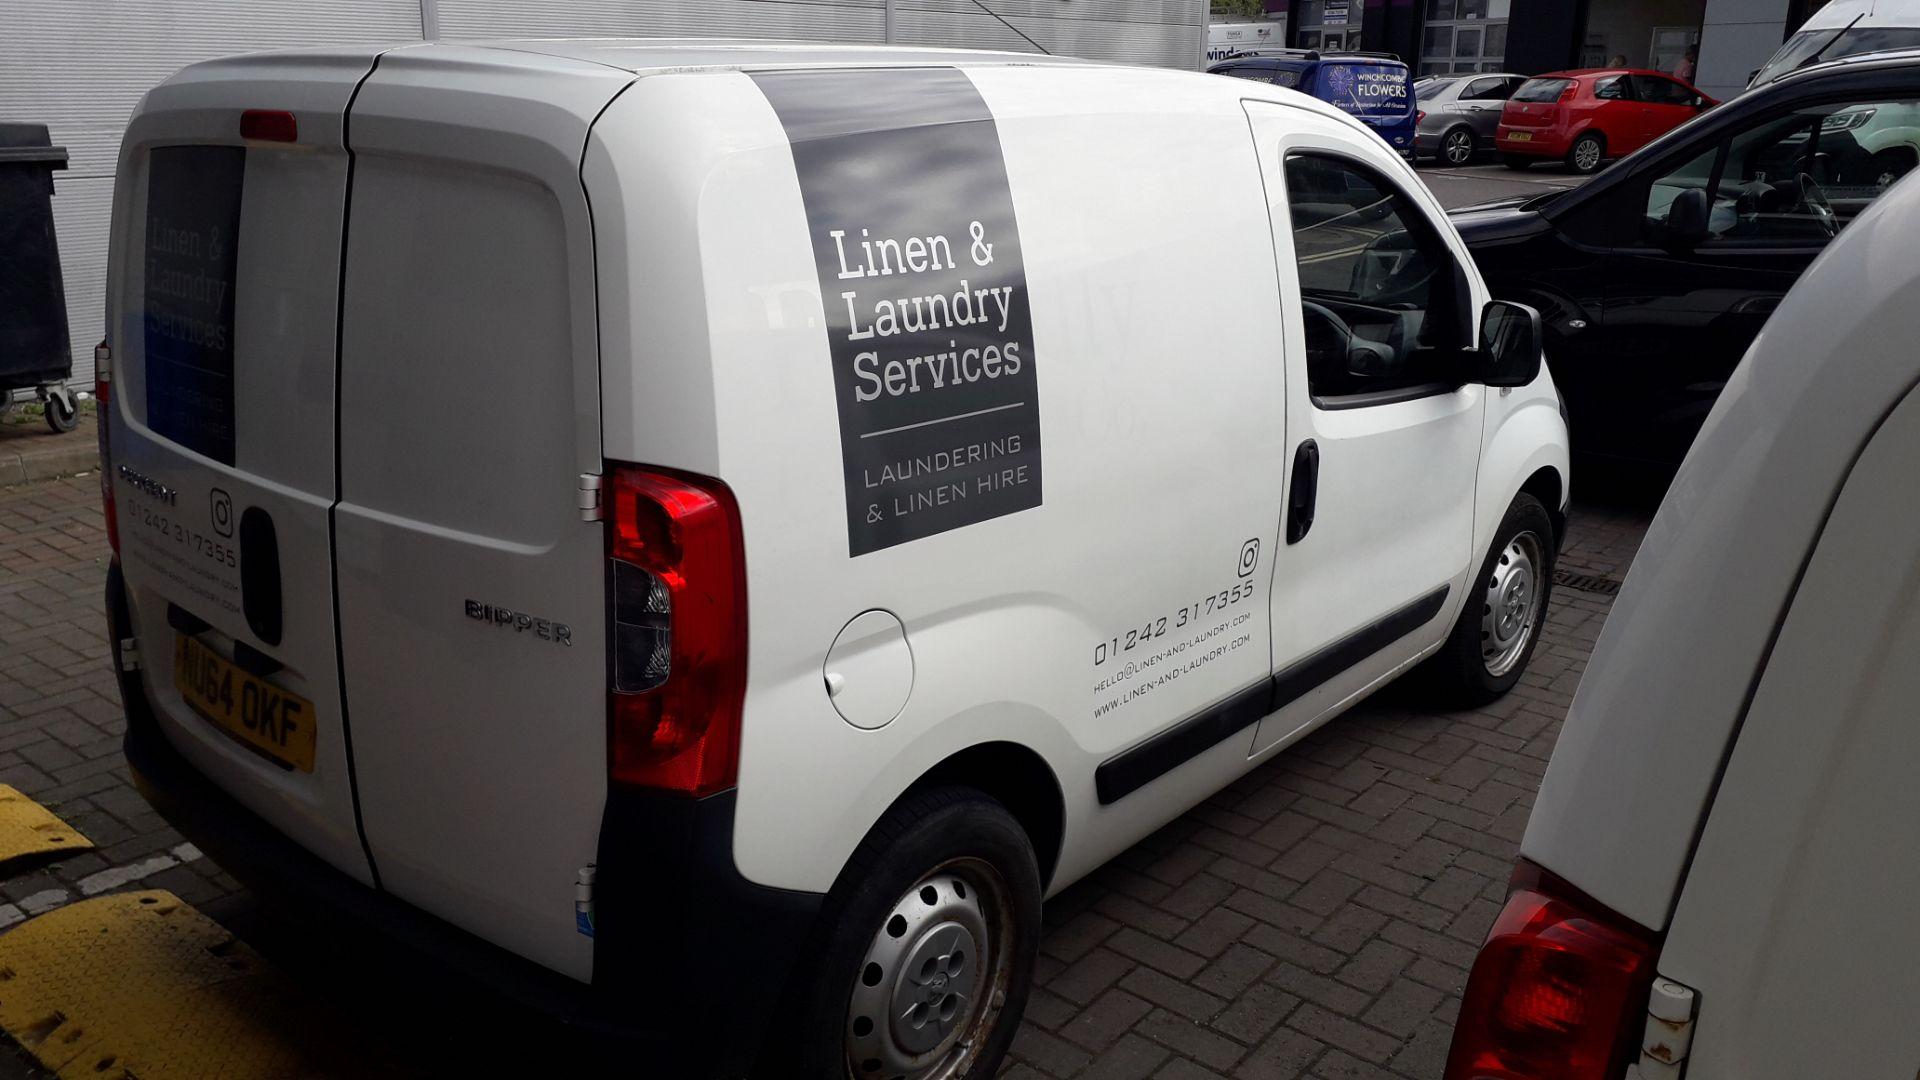 Peugeot Bipper 1.3 Hdi 75 S Diesel Van, Registrati - Image 6 of 13